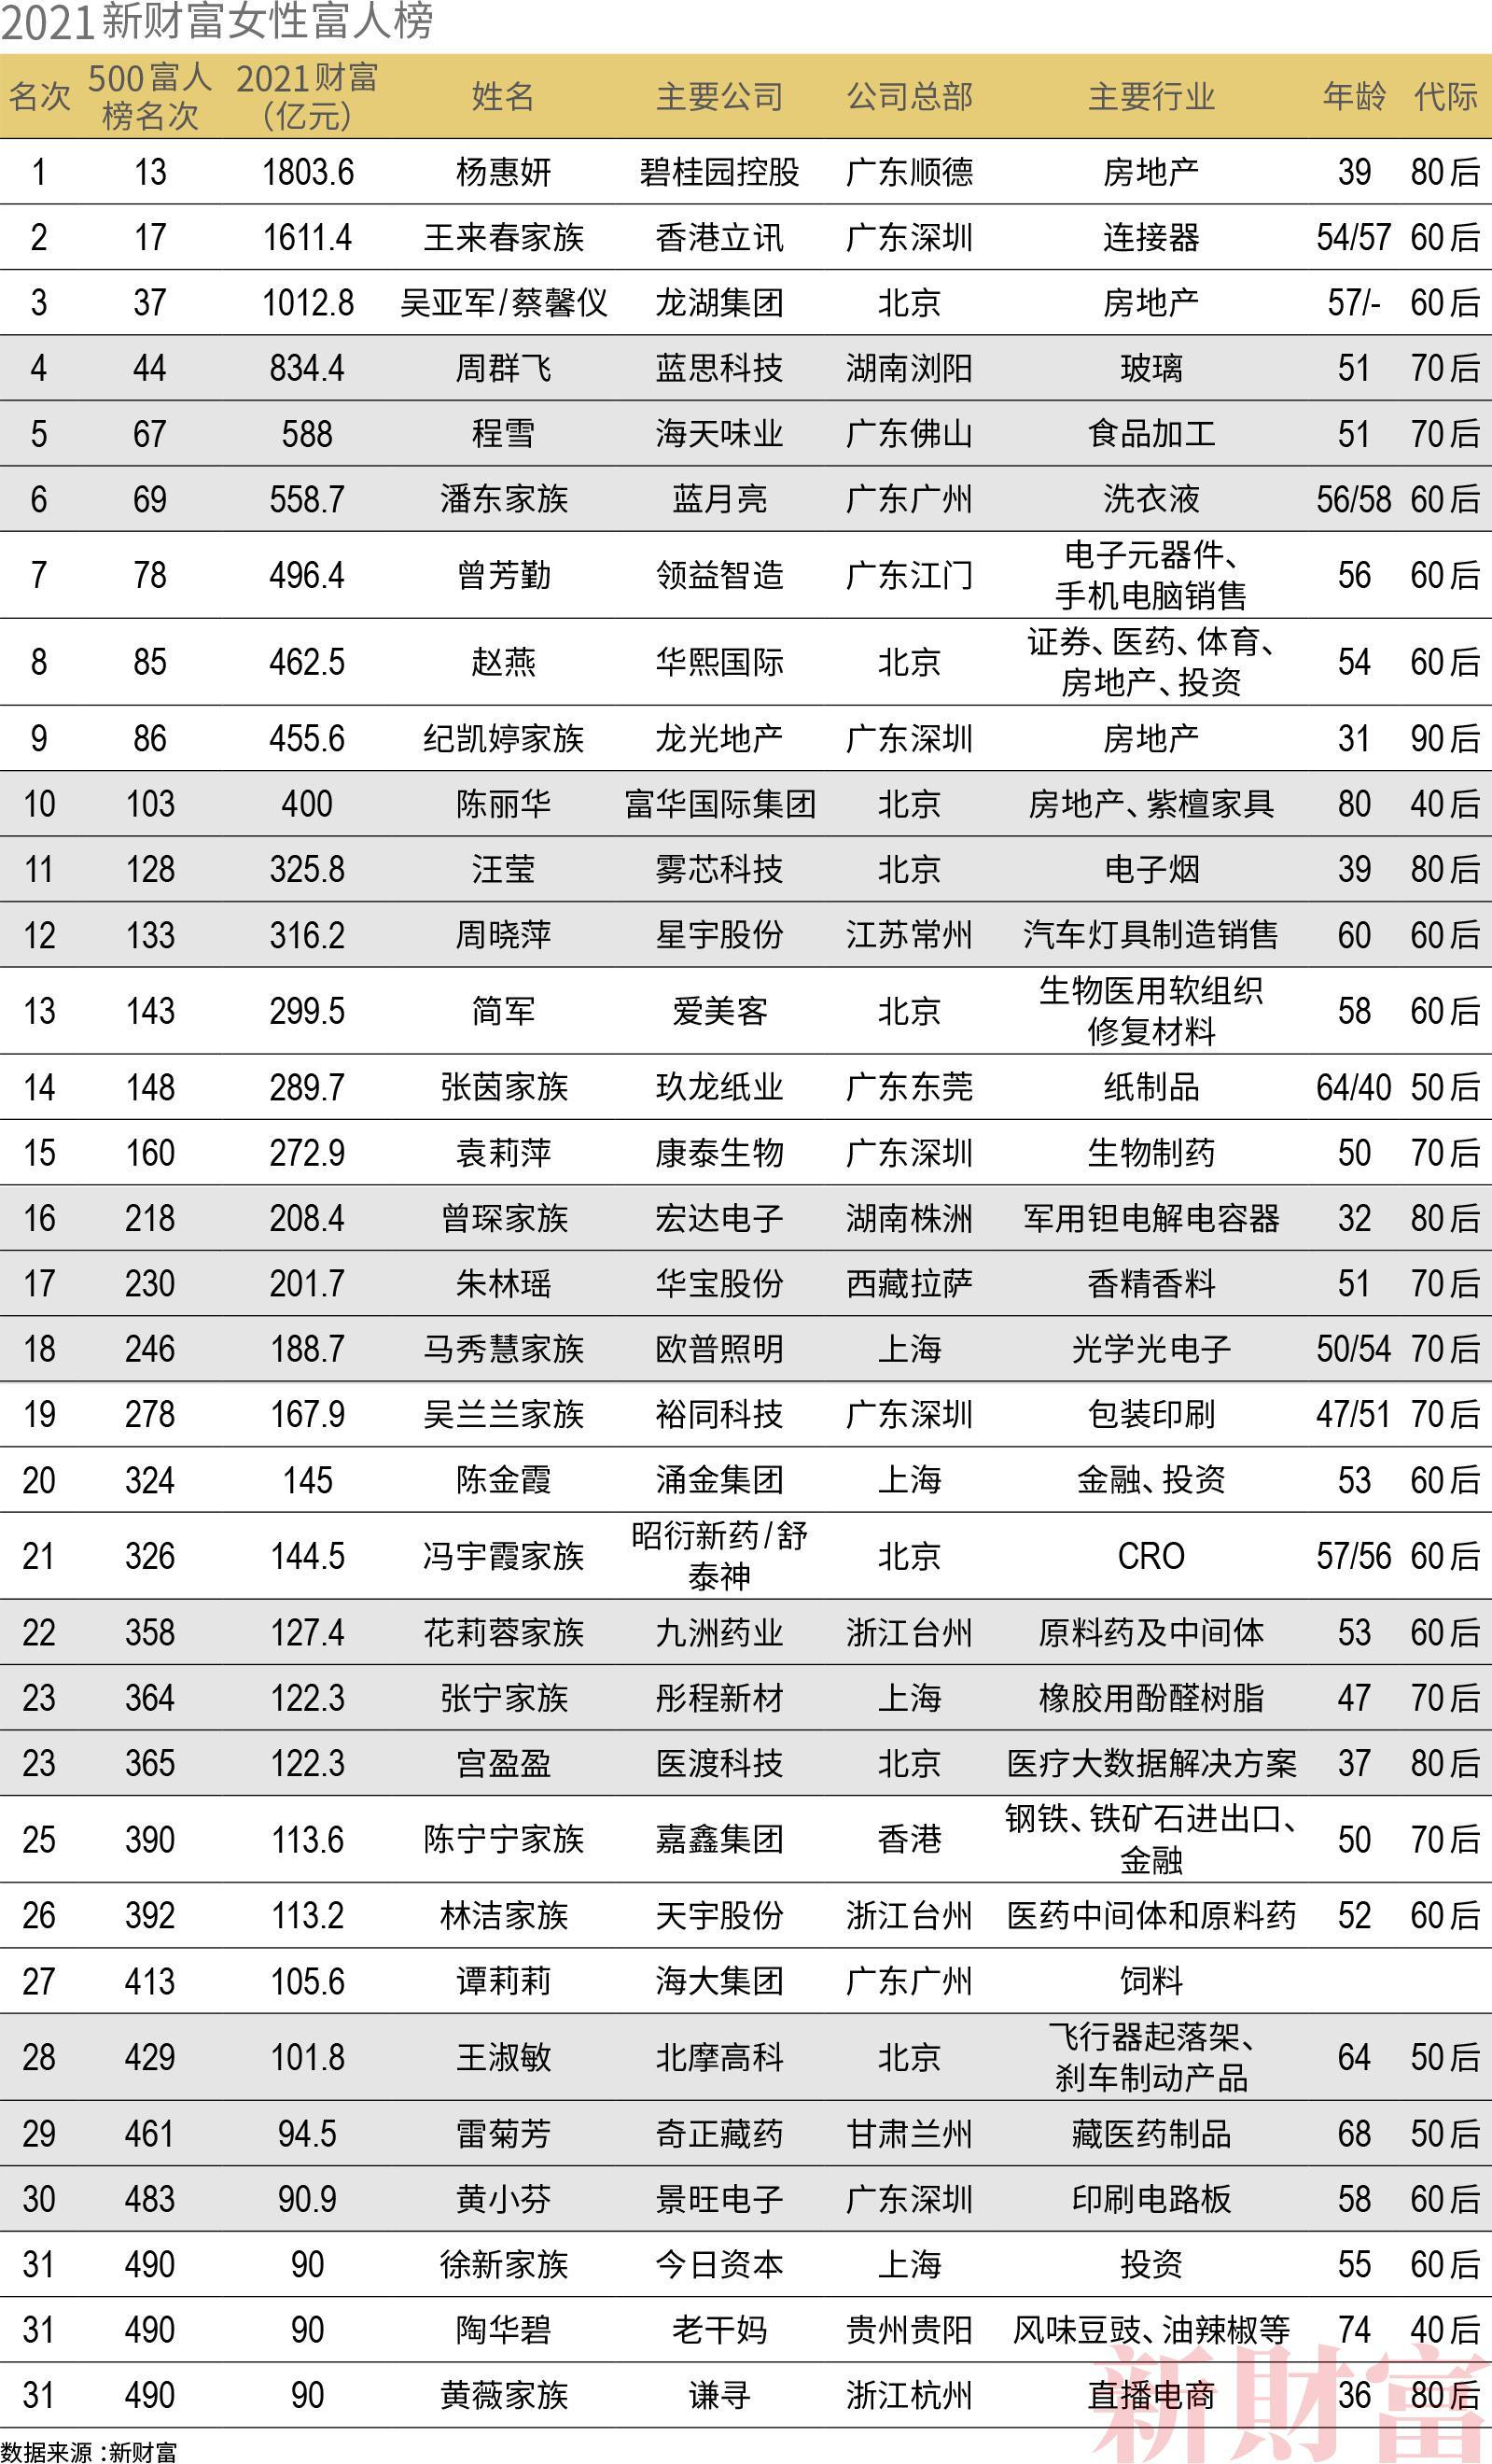 2021新财富500富人榜发布:玻尿酸行业产生华熙生物赵燕、爱美客简军两位女巨富